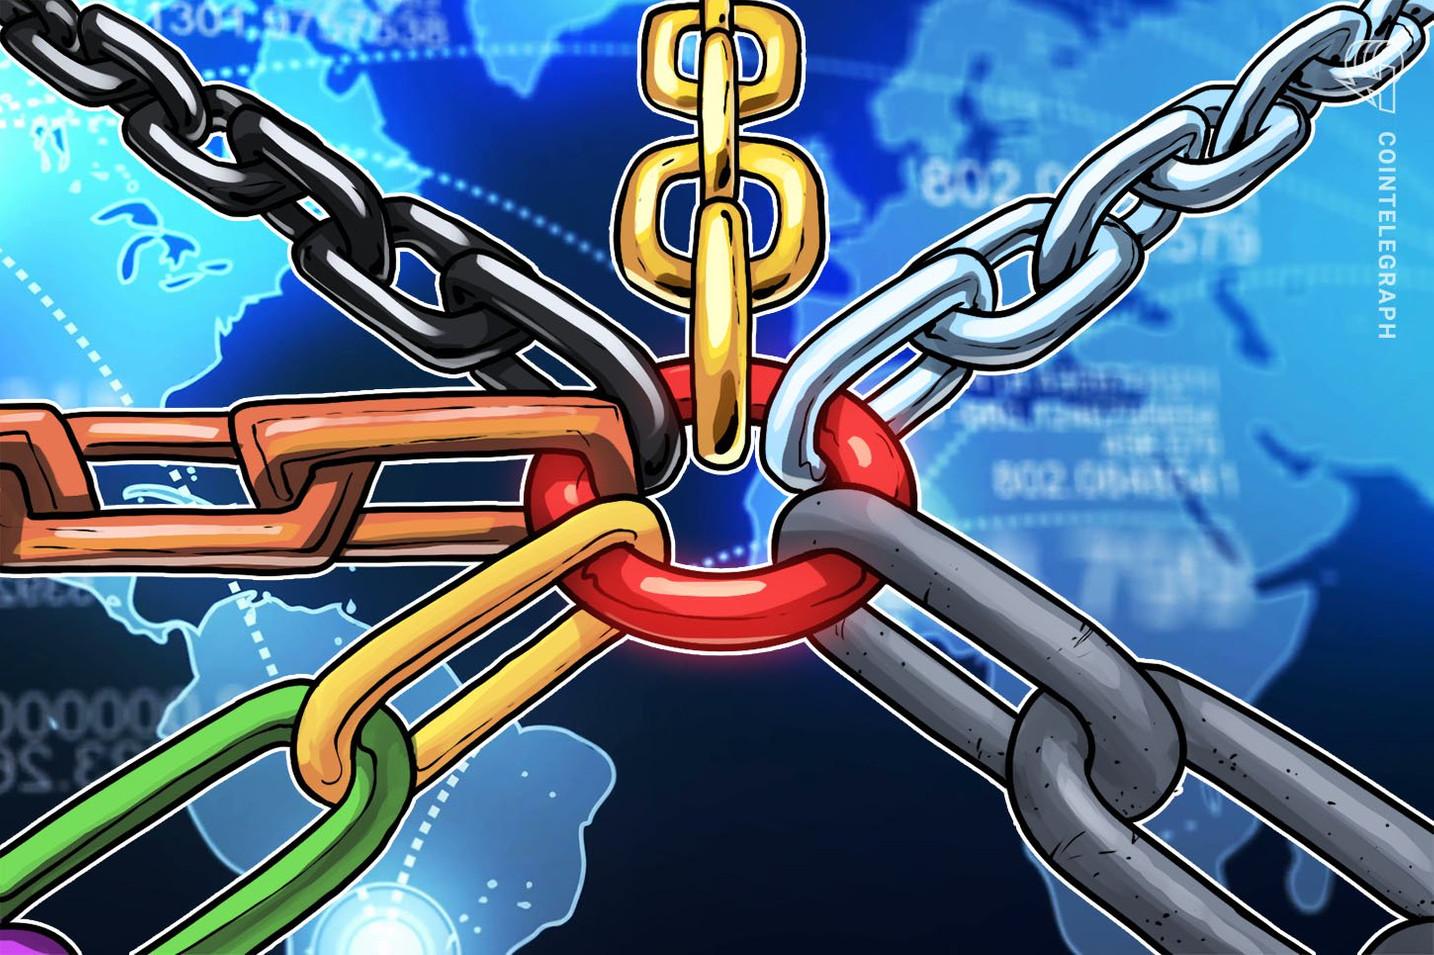 Reino Unido: BSI firma parceria com startup de blockchain por mais transparência em cadeias de suprimentos